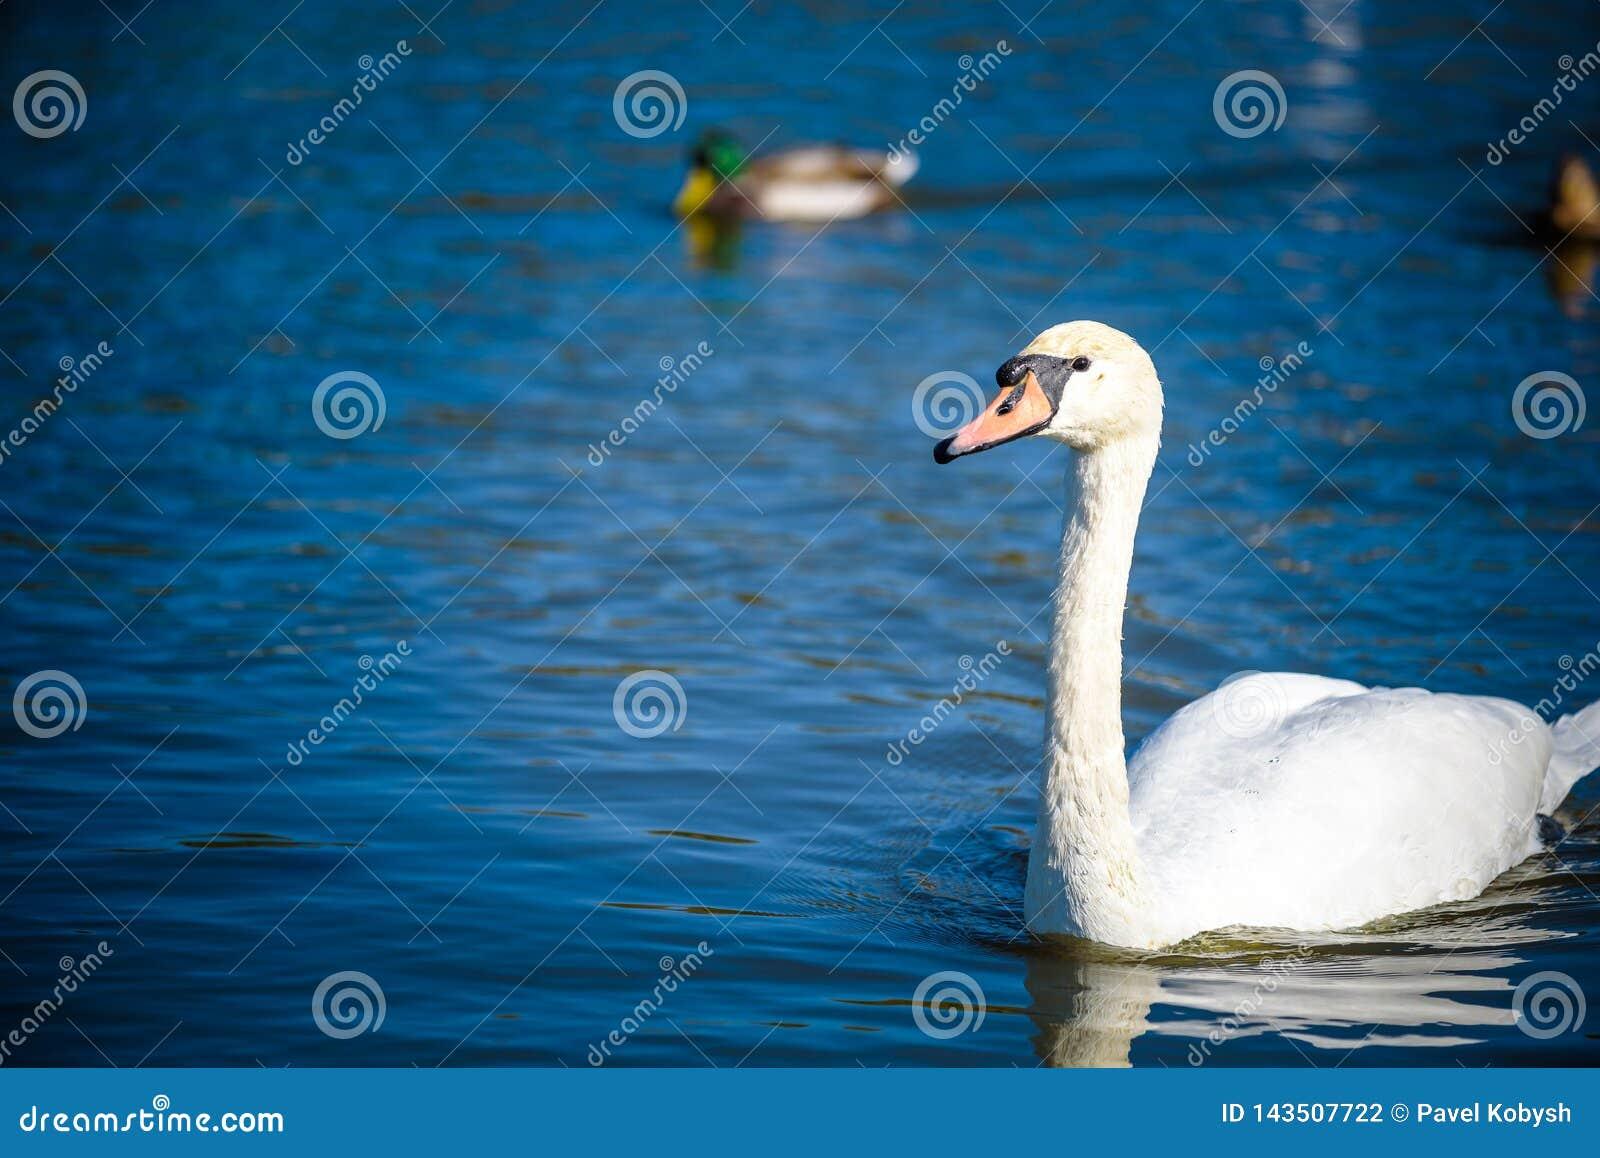 Cisne branca no lago nevoento no alvorecer Luzes da manhã fundo romântico Cisne bonita cygnus Romance da cisne branca com